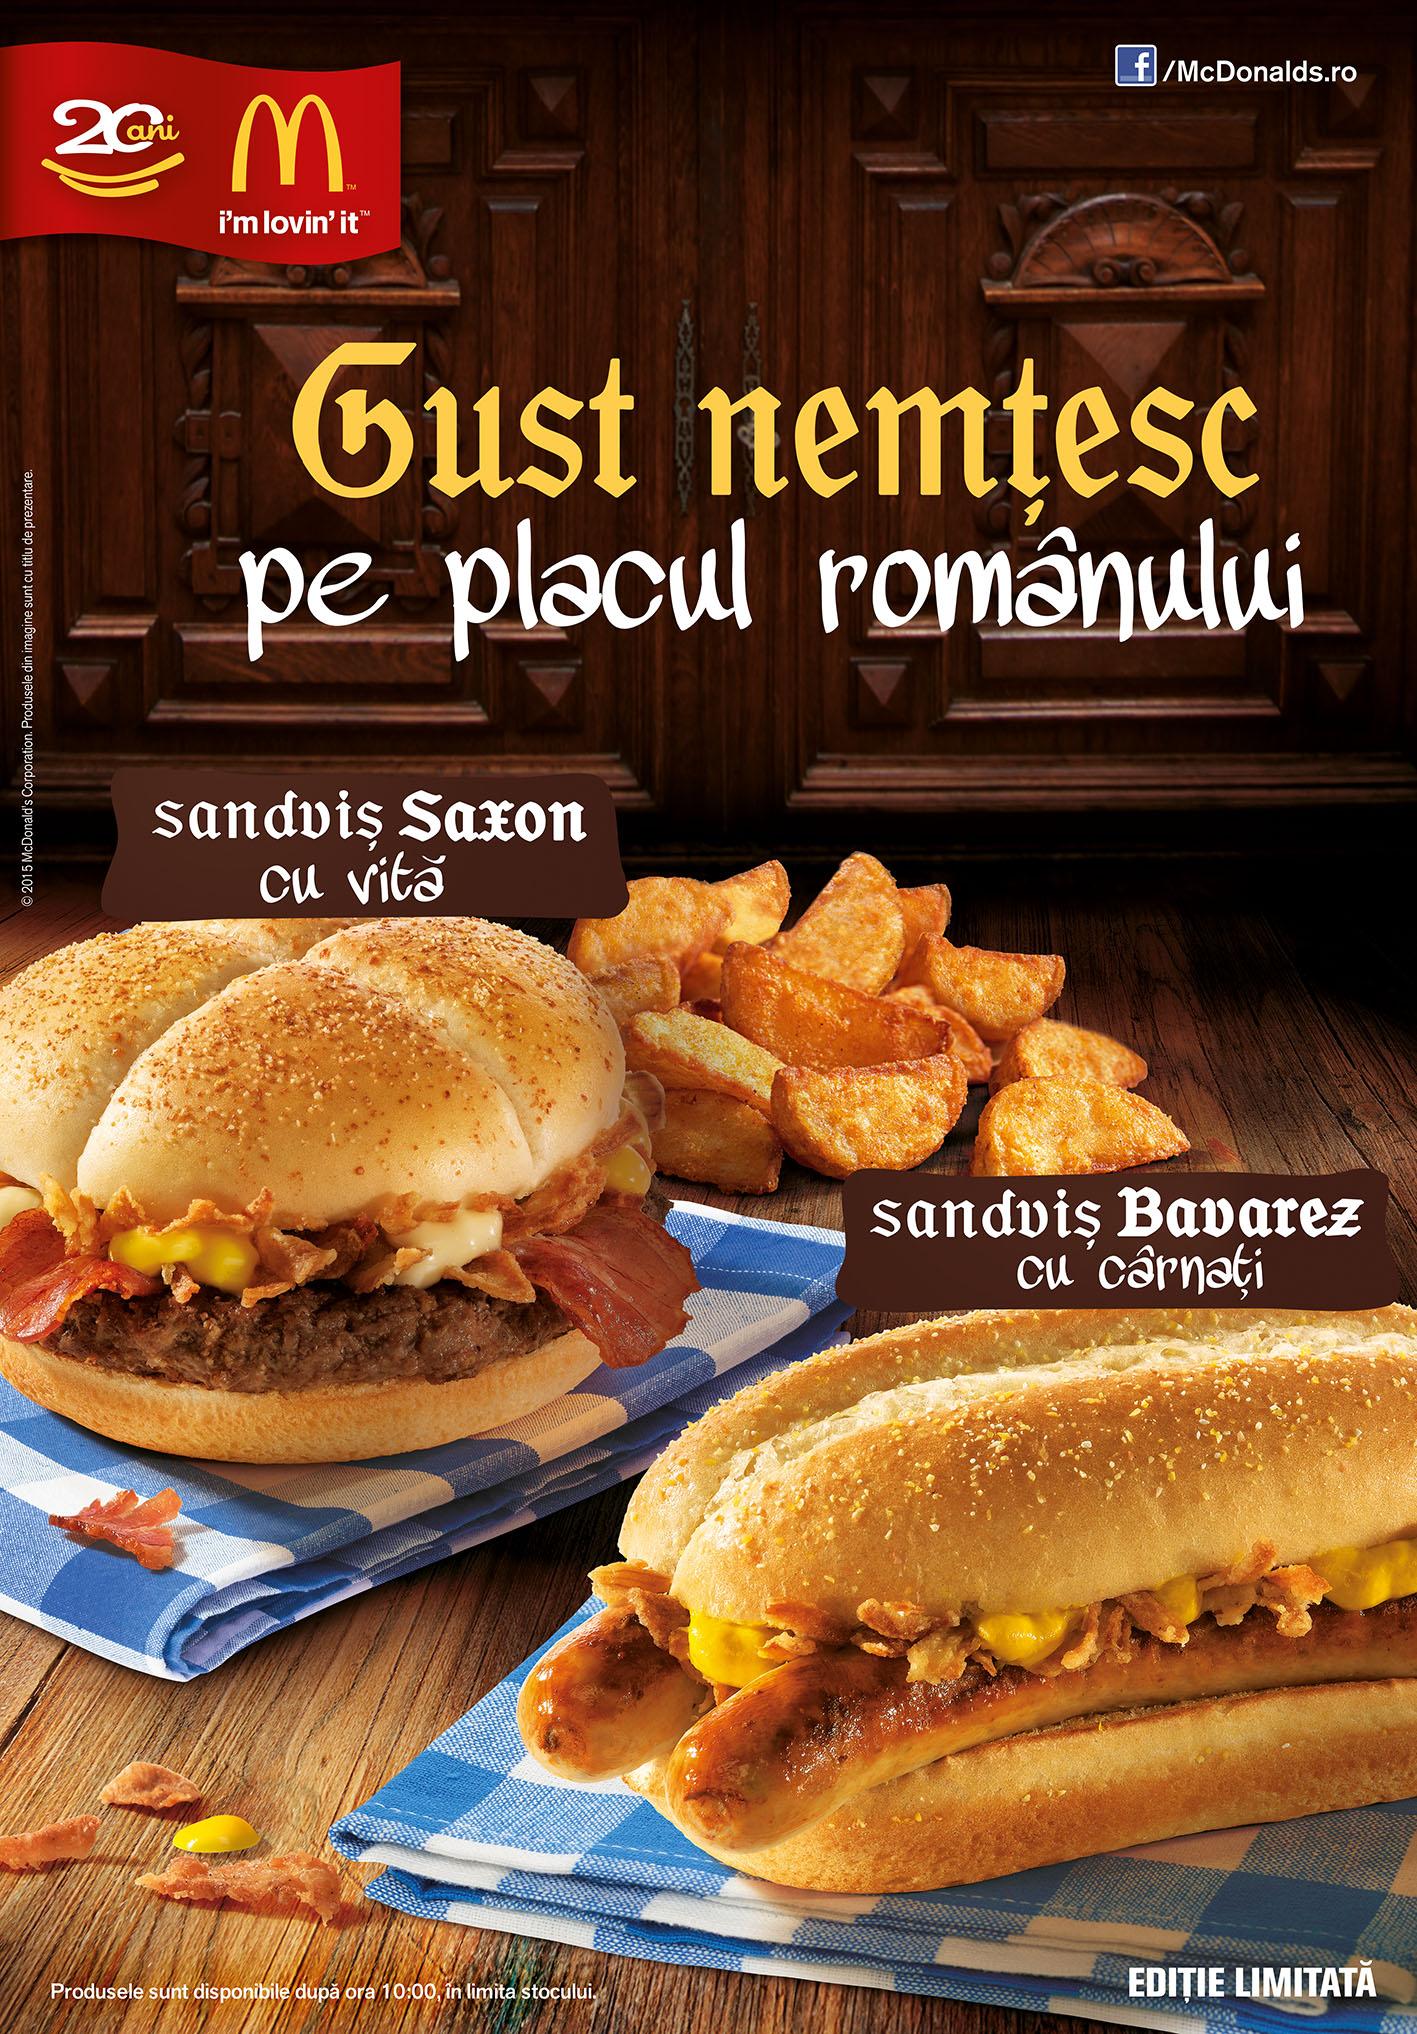 McDonald's lansează Campania Gust Nemțesc pe Placul Românului